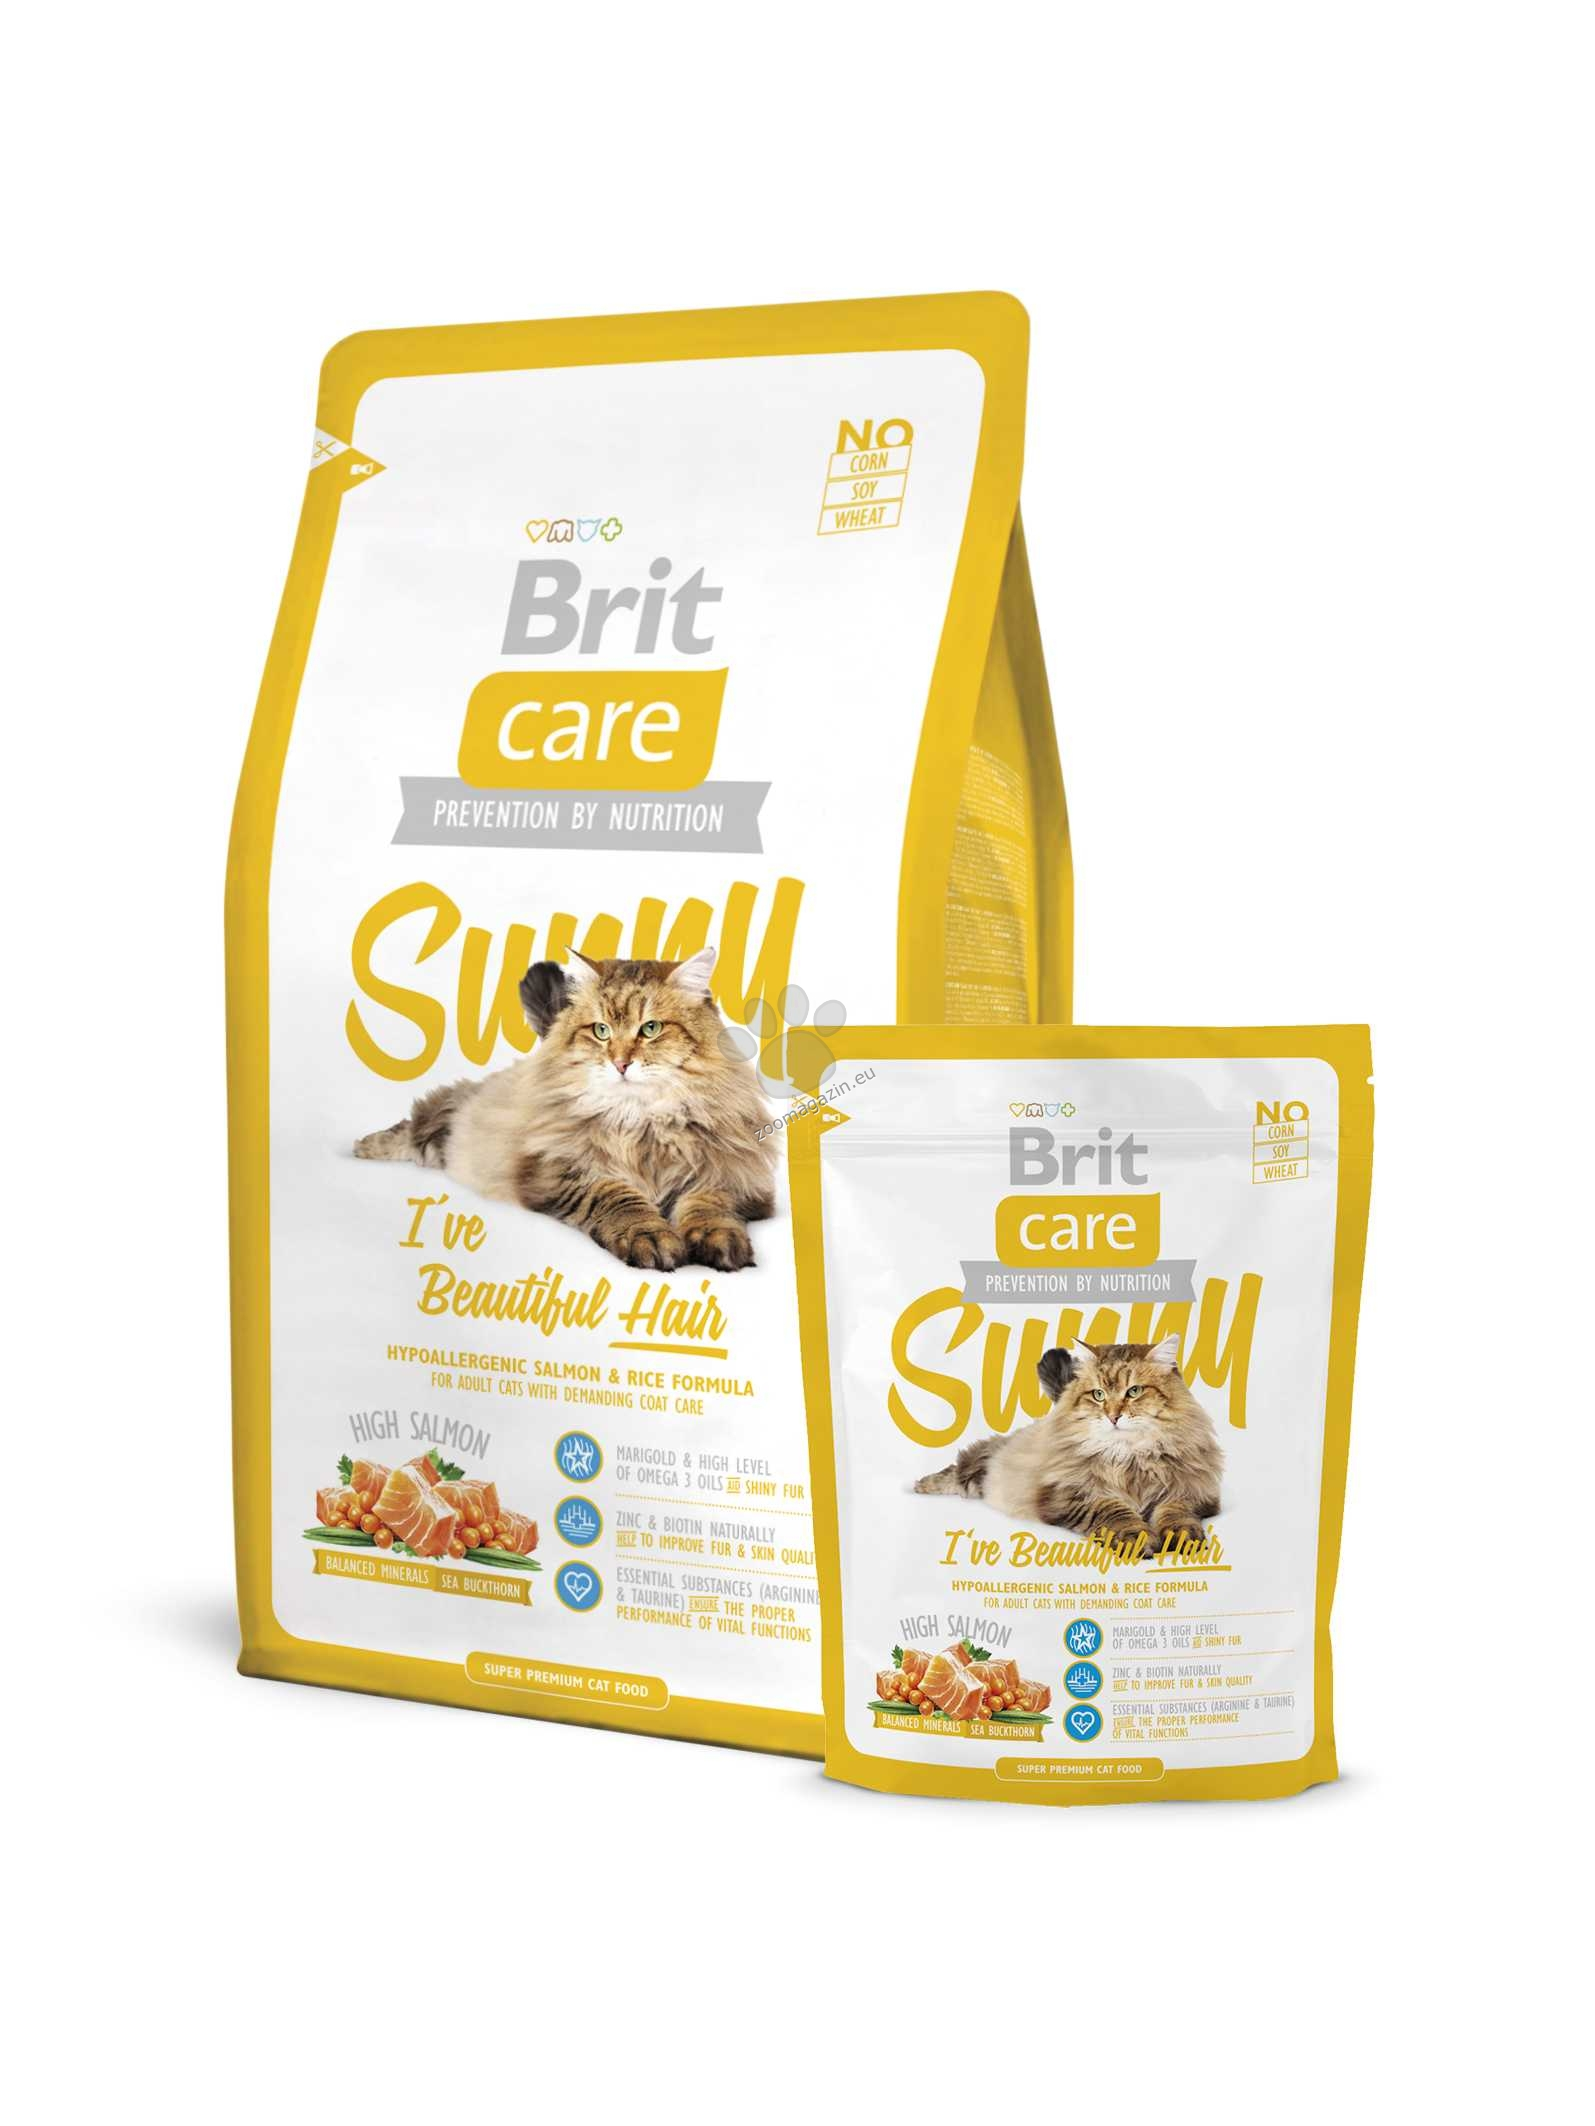 Brit Care Cat Sunny Iive Beautiful Hair - храна със сьомга и ориз, за красива и здрава козина 400 гр.